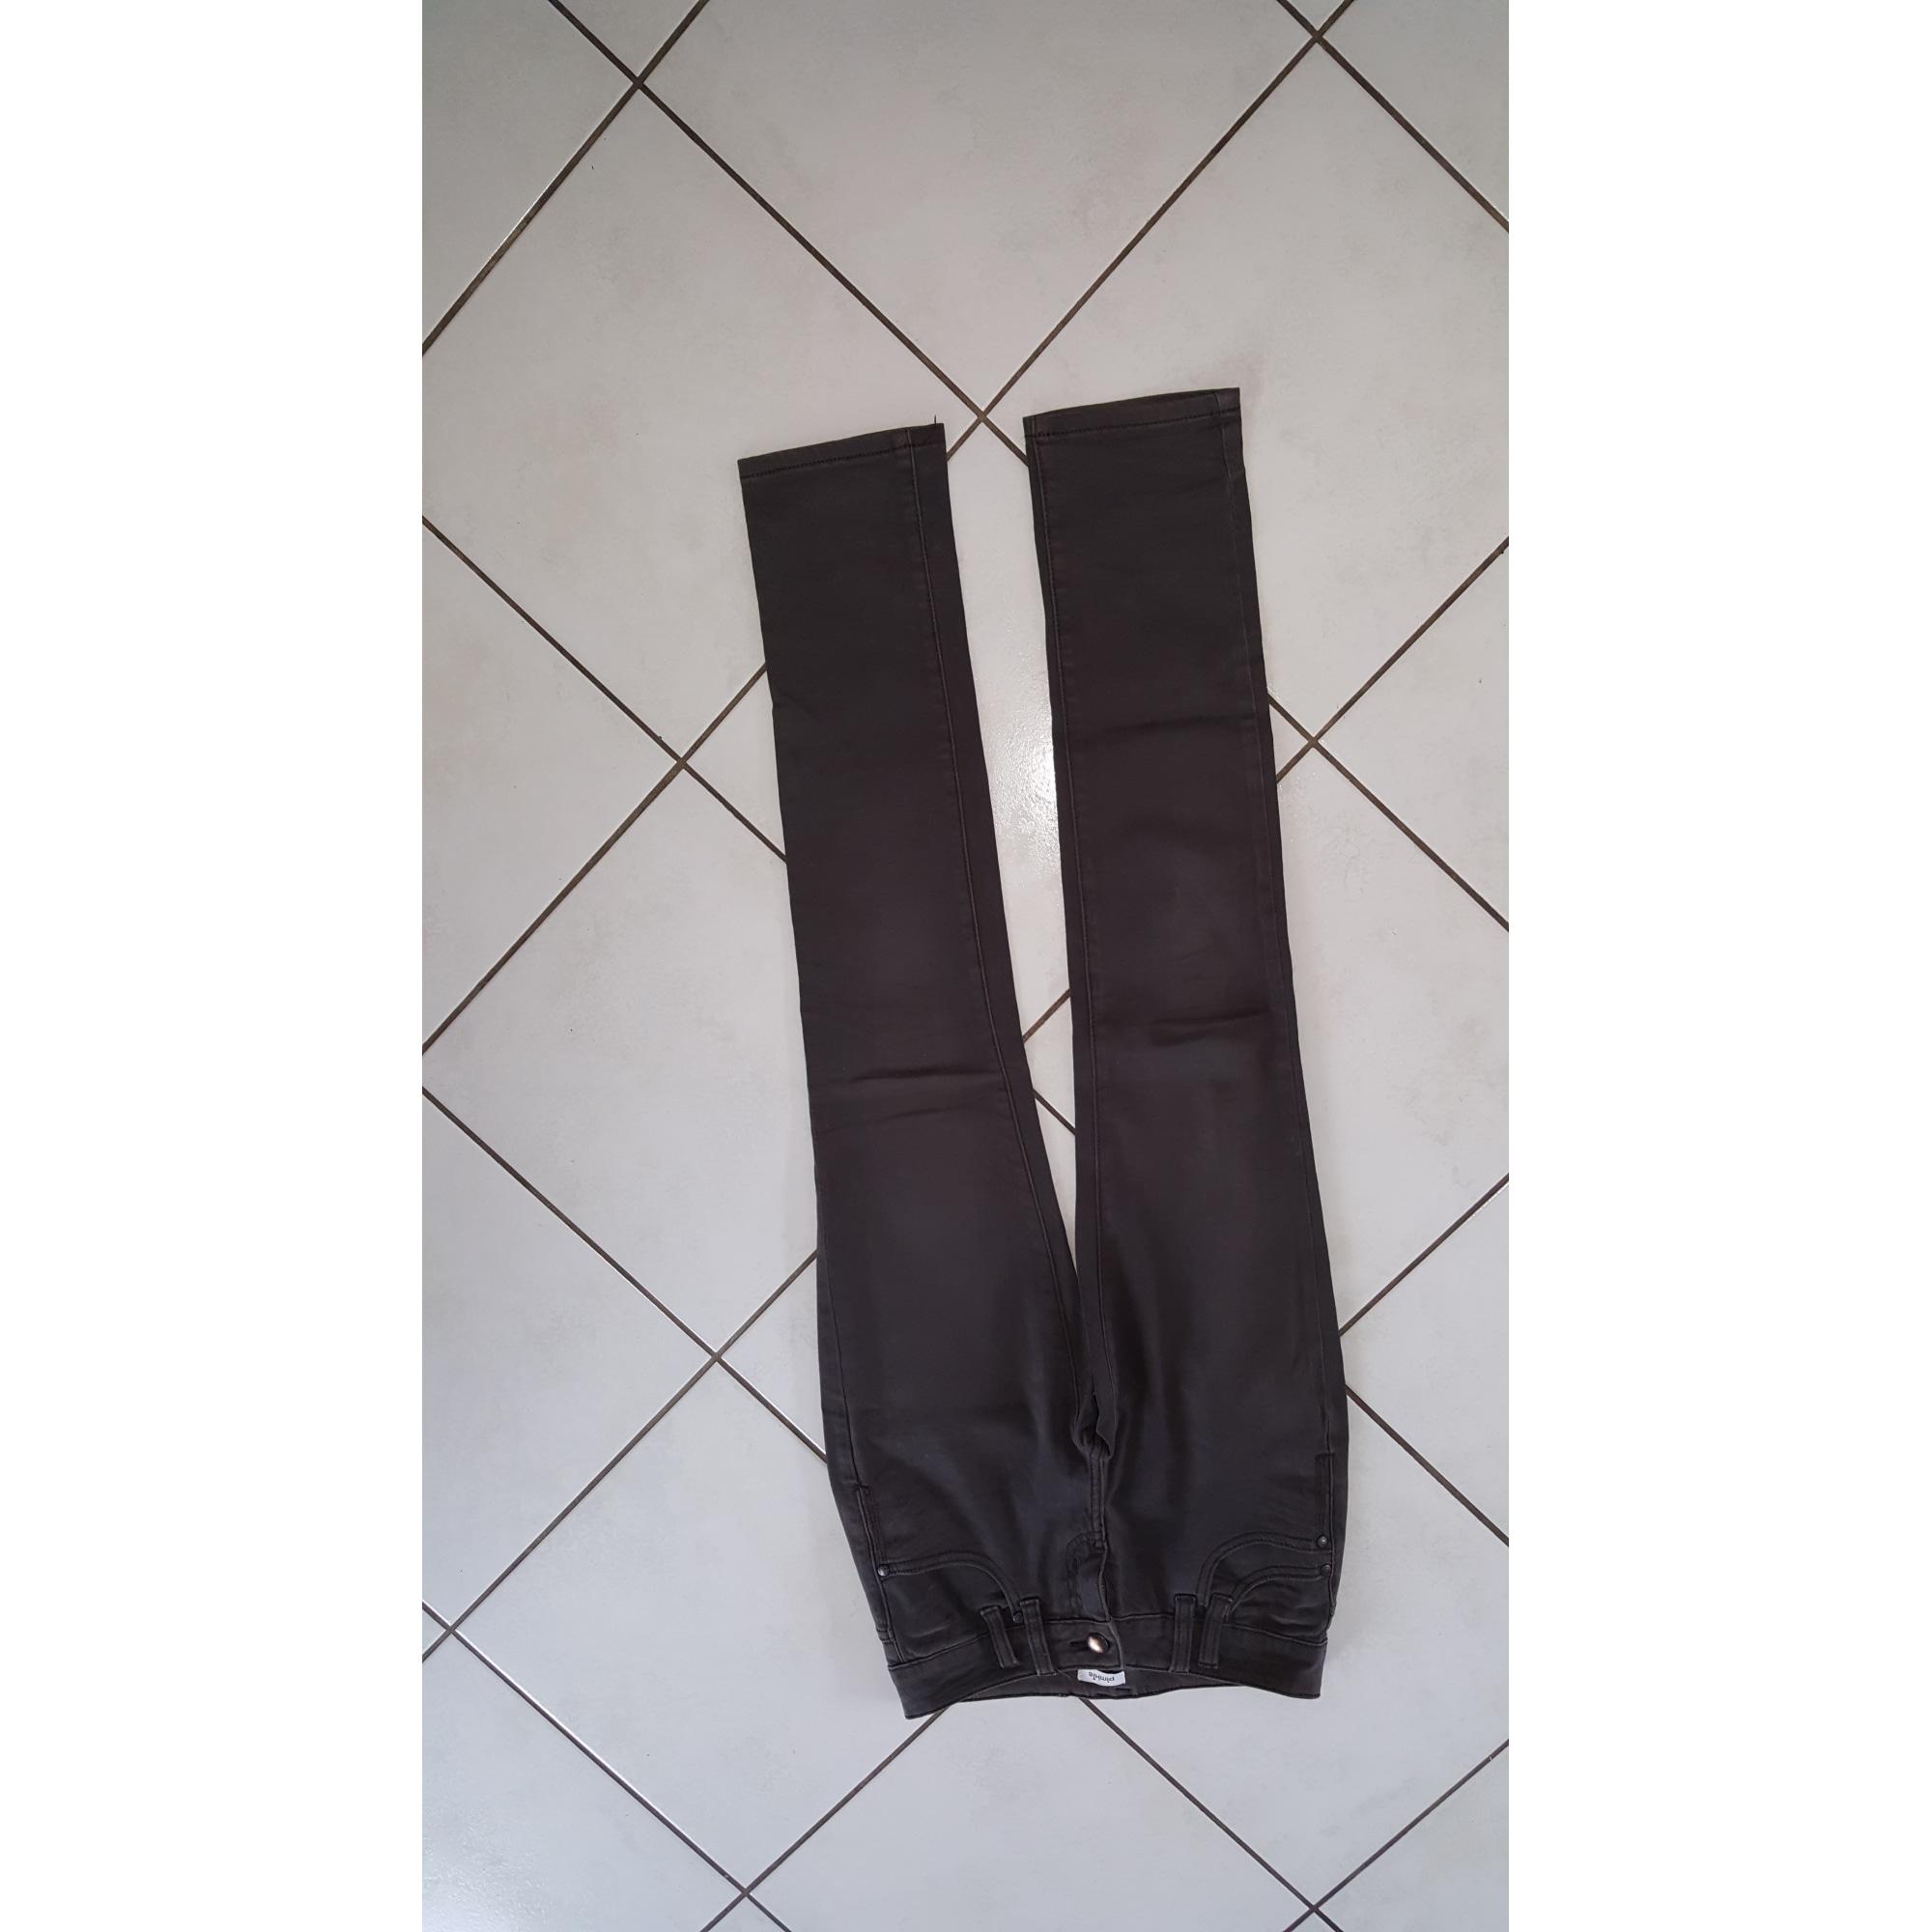 Pantalon droit PIMKIE Gris, anthracite